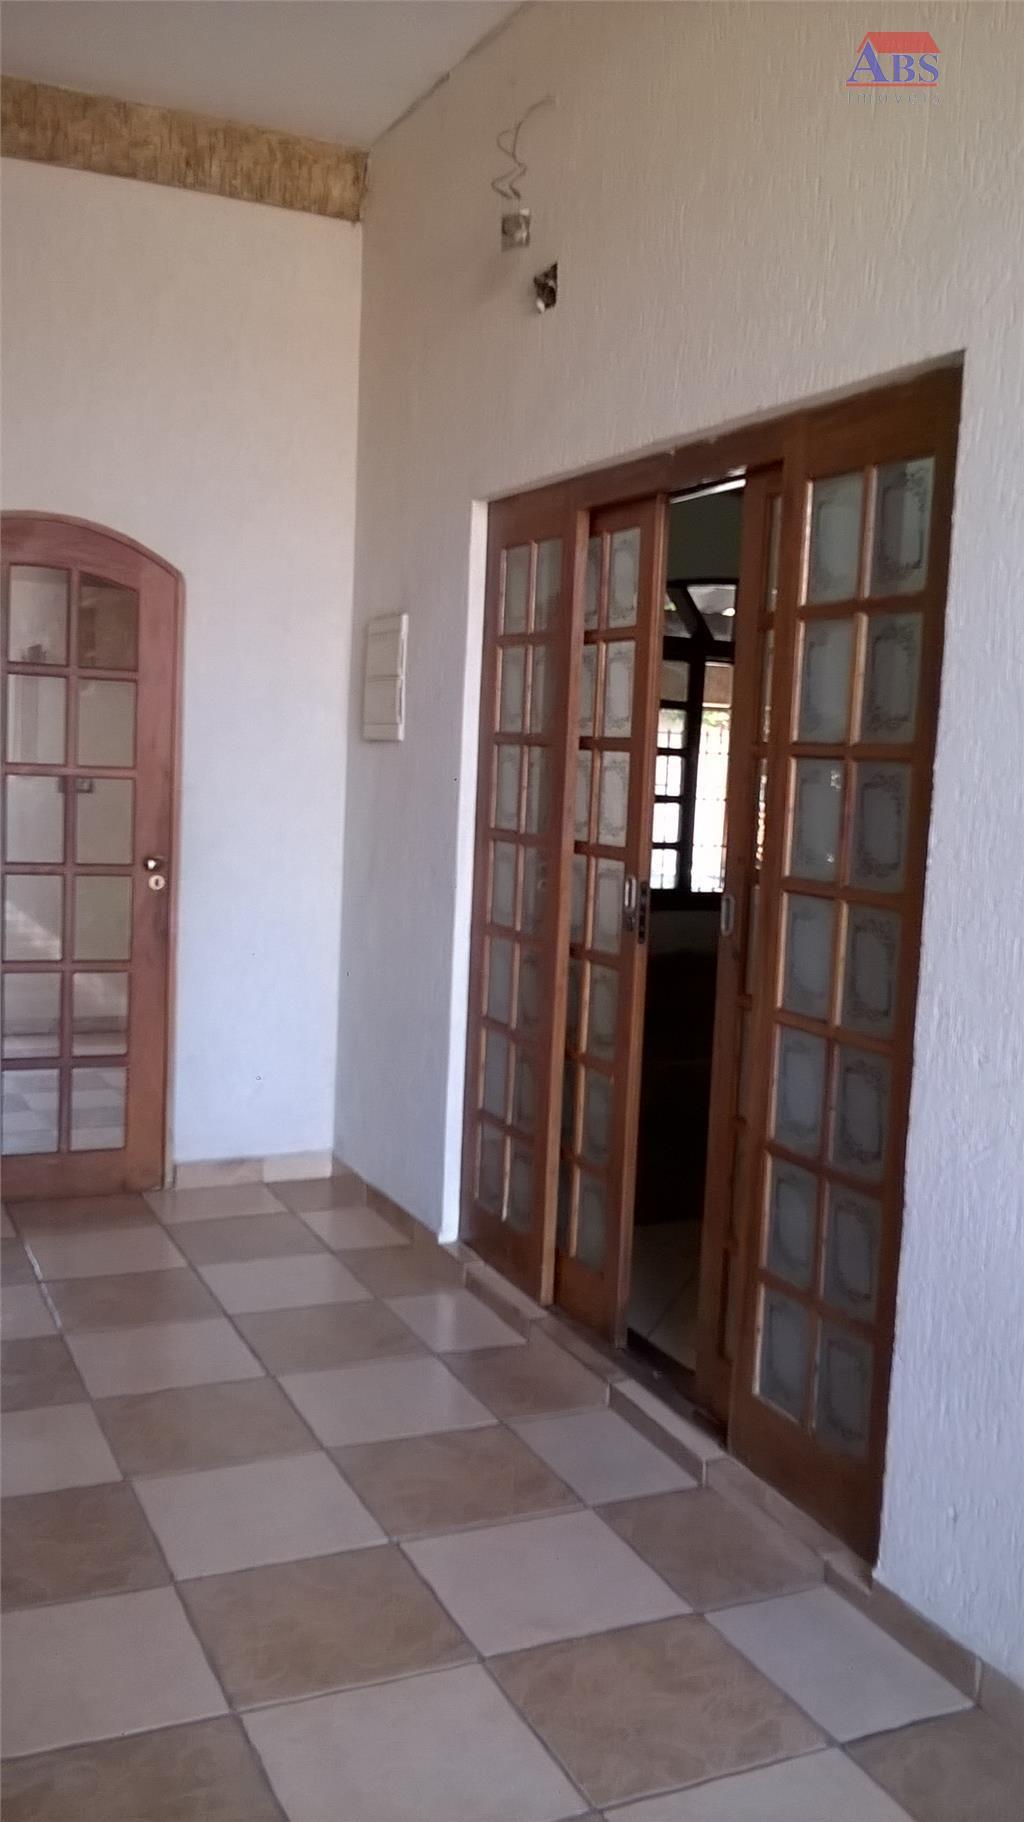 Linda casa 3 dorm 1 suite Vila Nova - 450 mil - Aceita Financiamento